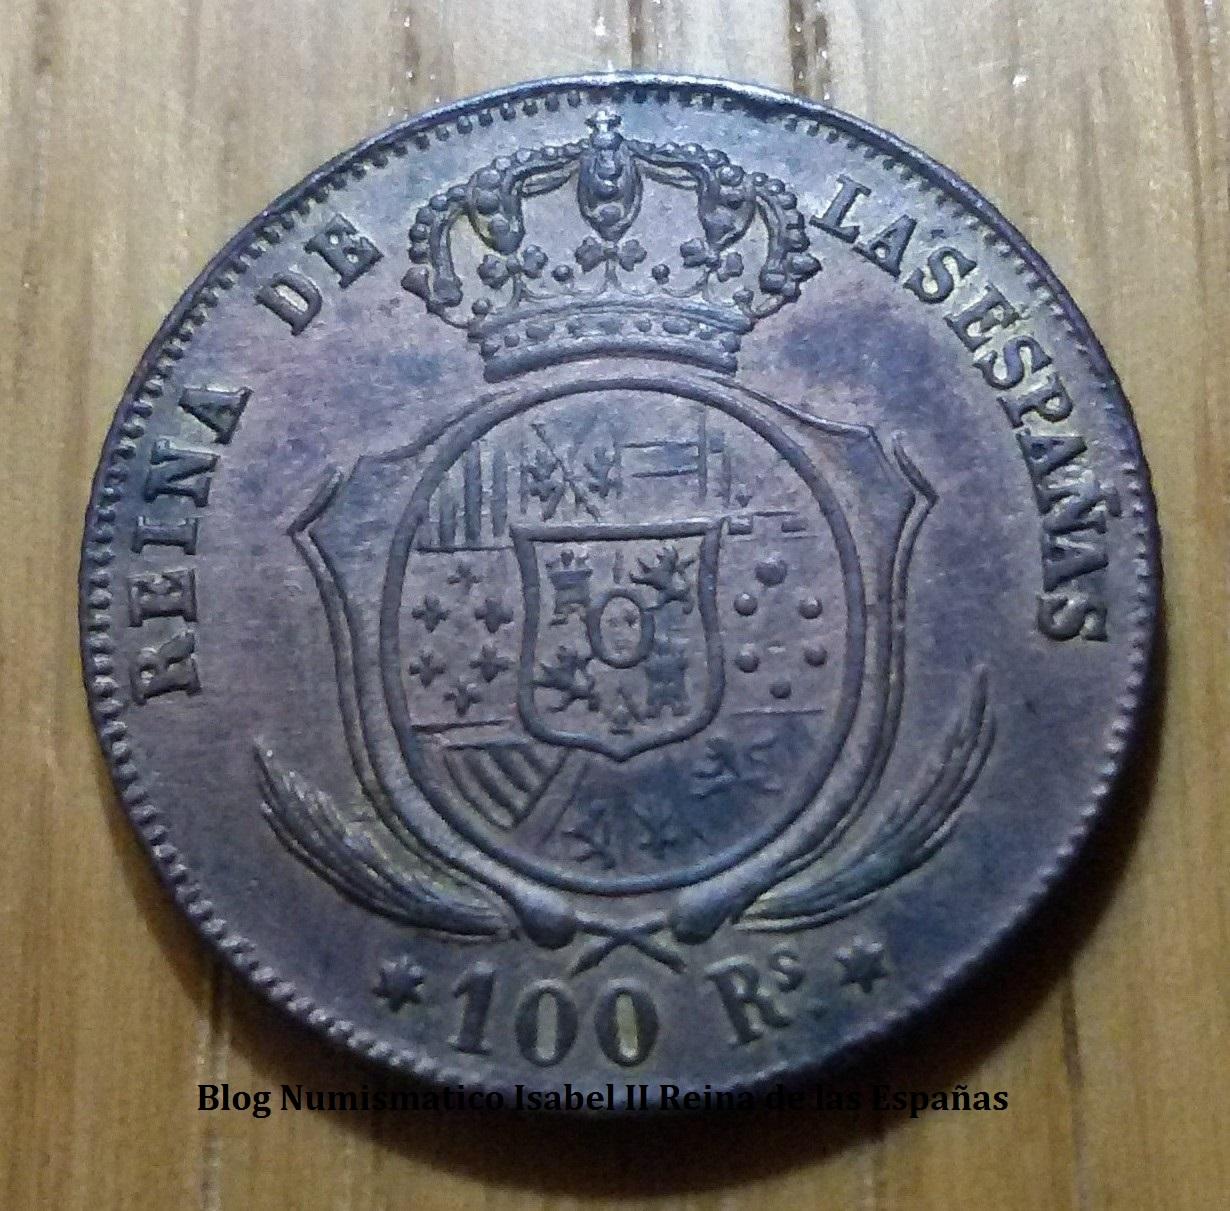 100 reales Isabel II - Falsa de época 2h731jm